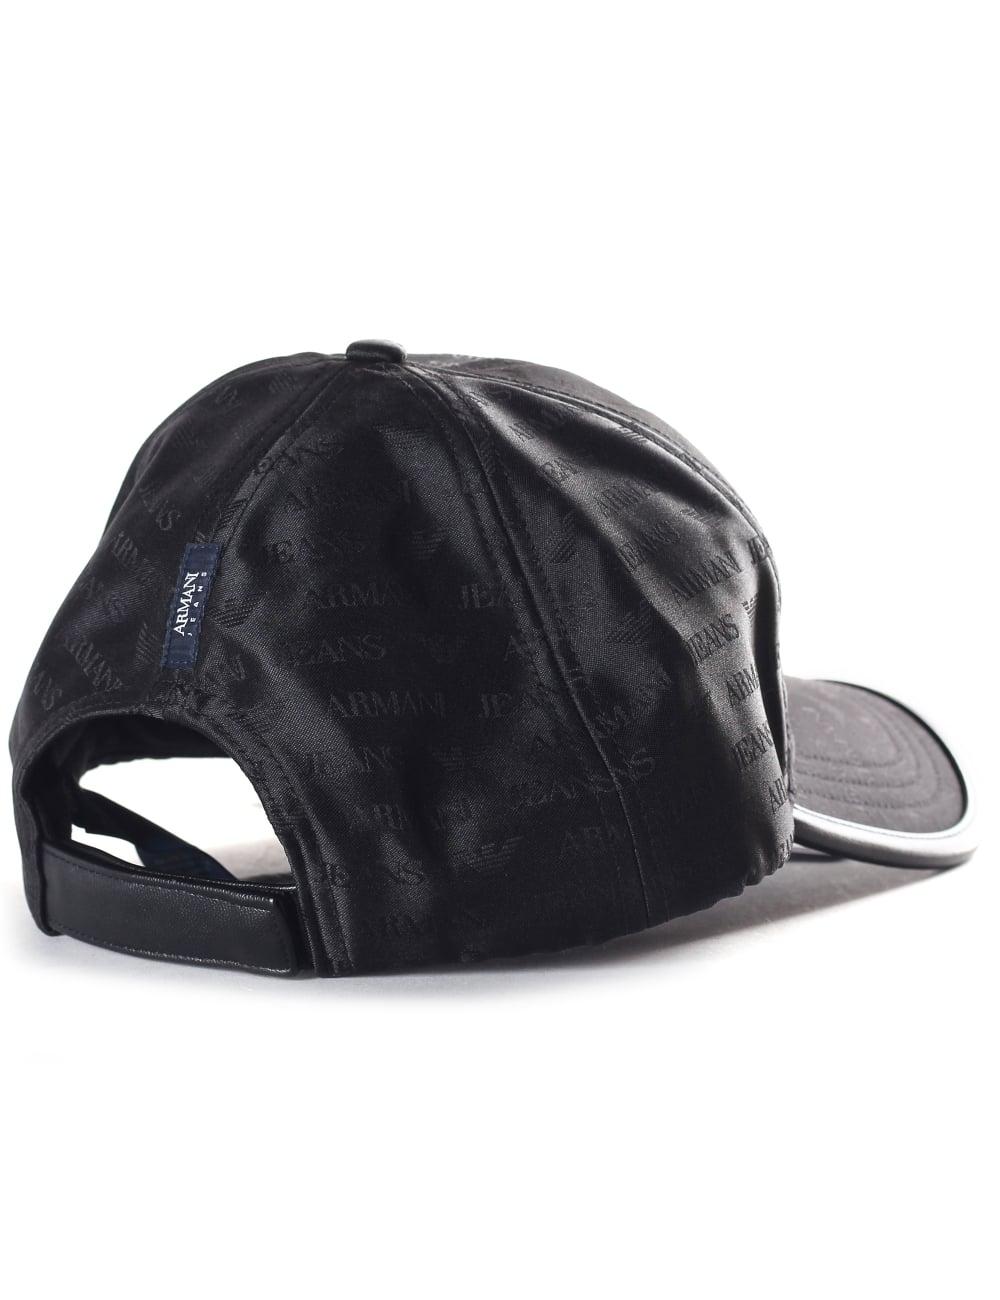 Armani Jeans 934500 Men s Repeat Logo Baseball Cap Black ee575d8eebf